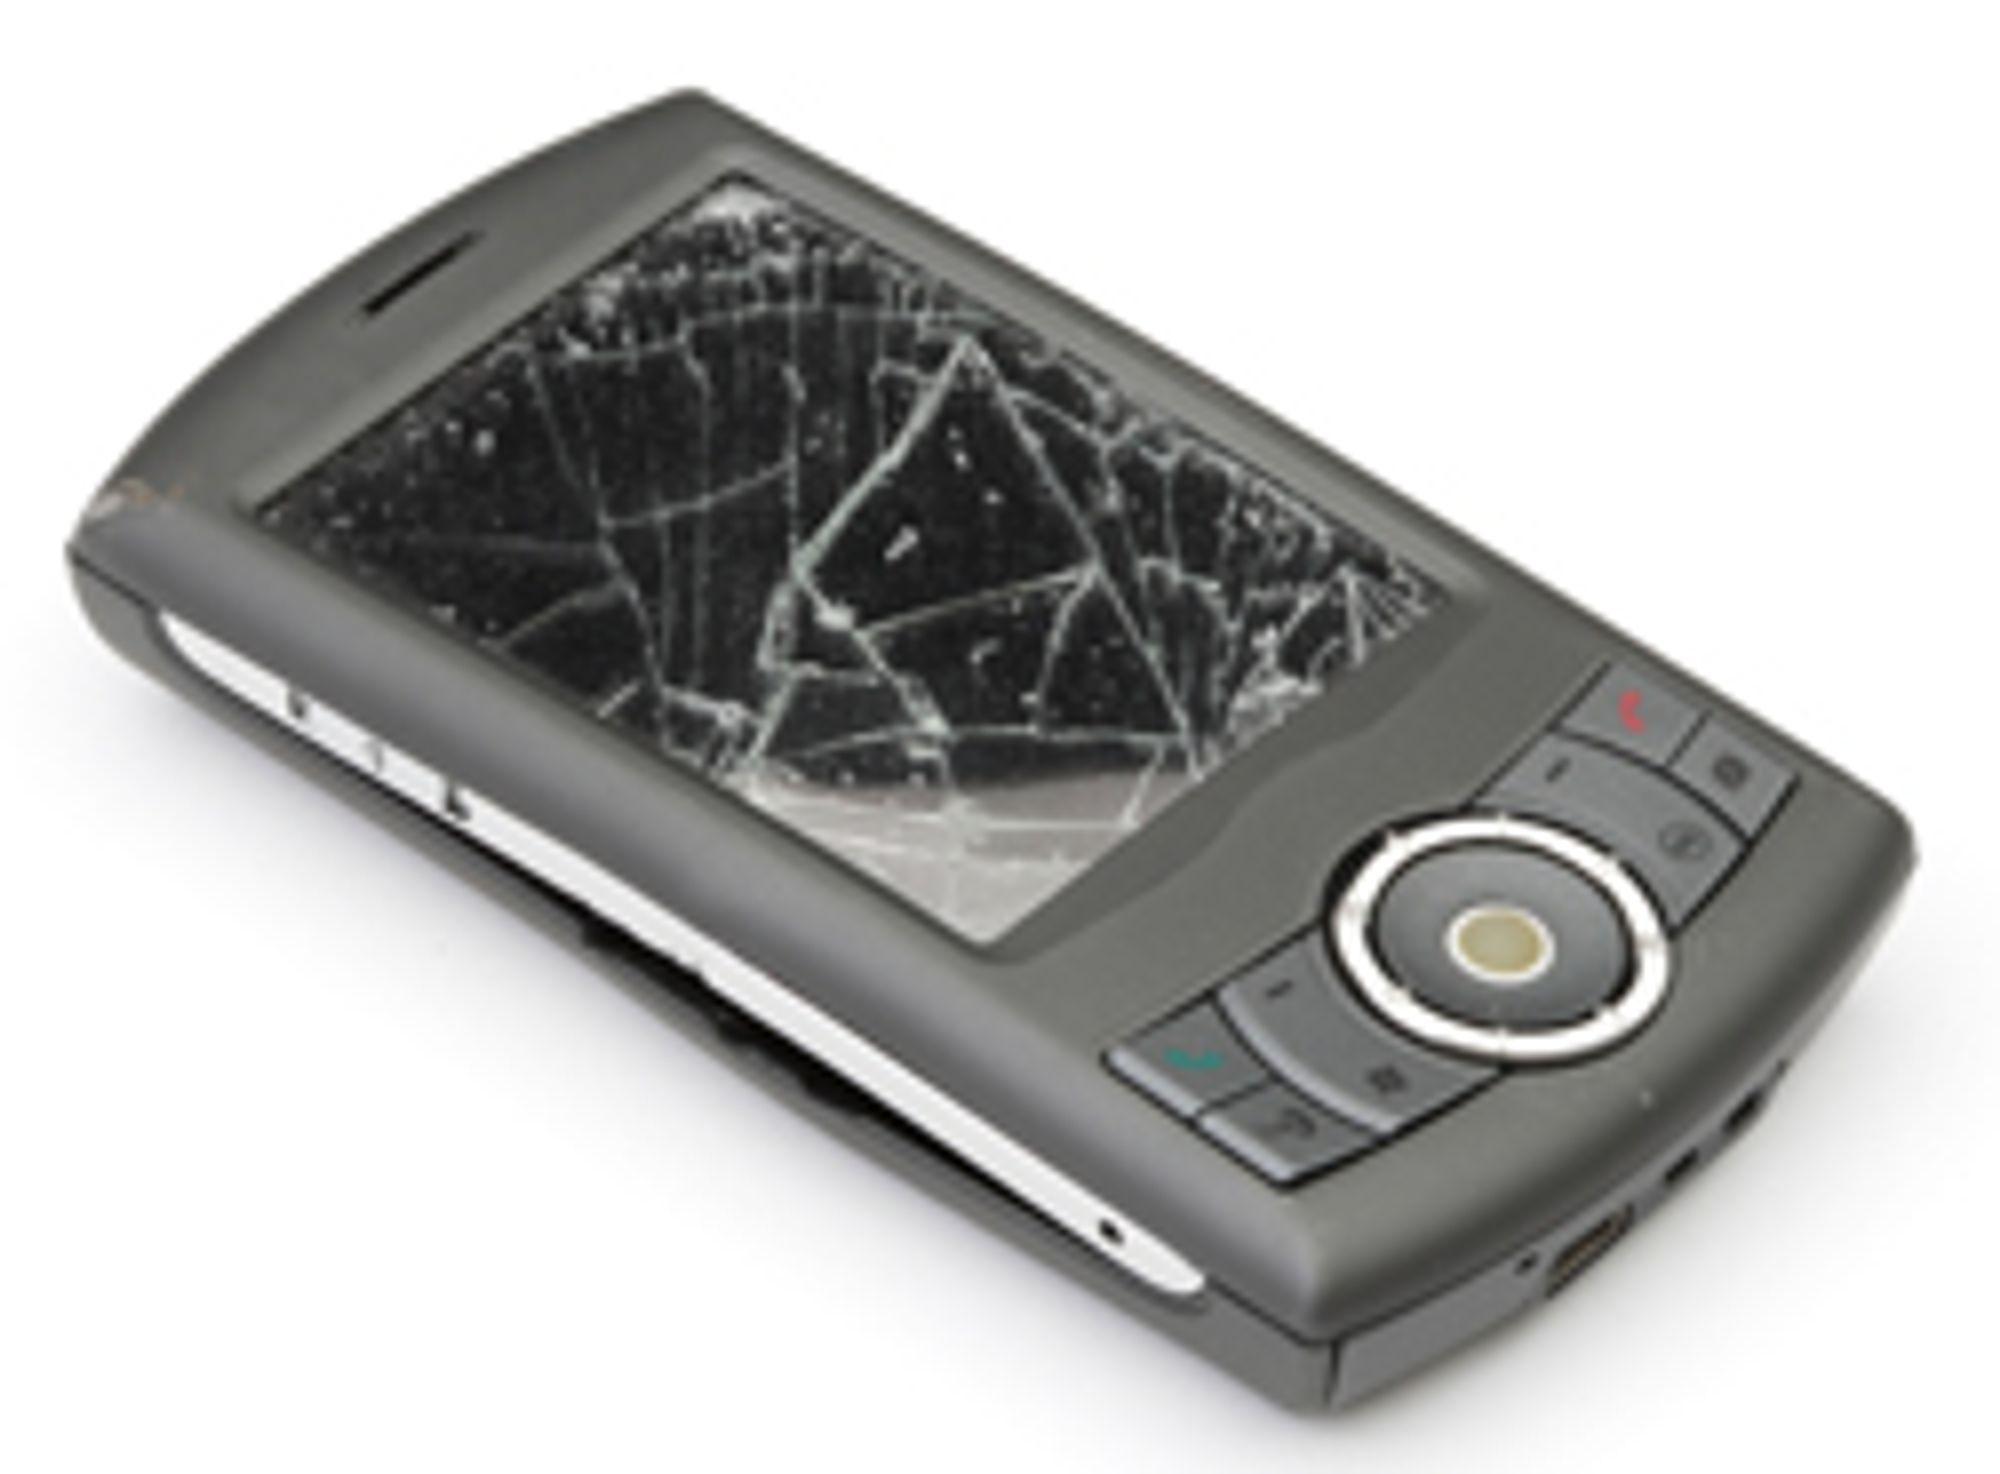 Fall og støt kan ødelegge mobilen din.